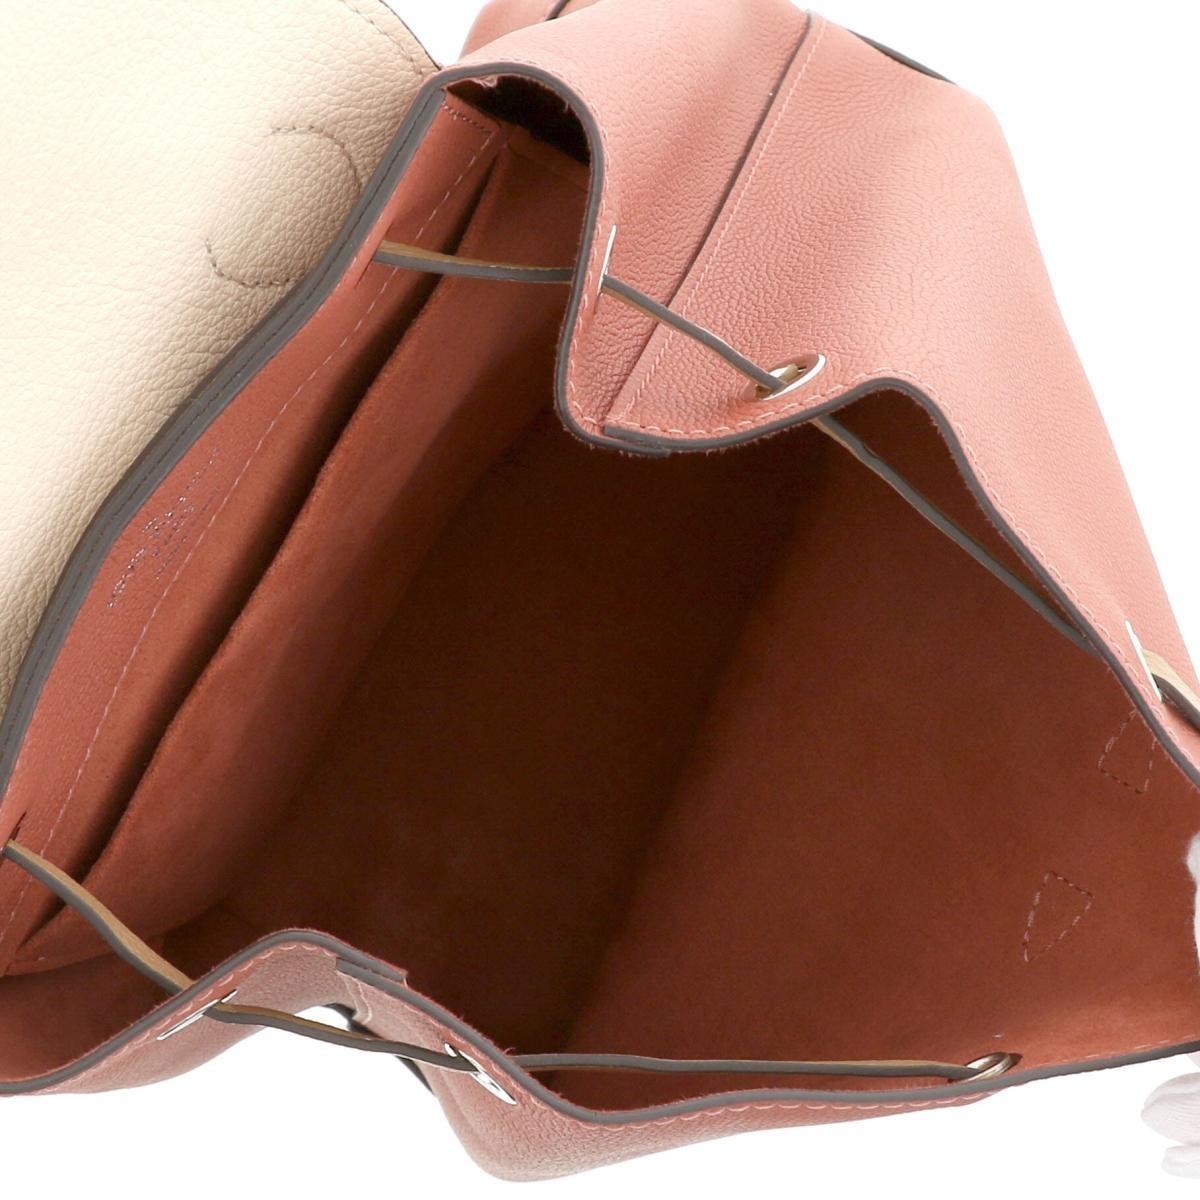 【即日発送・水曜定休日・木曜発送】【美品】【中古】【RI】 LOUIS VUITTON (ルイヴィトン) ロックミー・バックパック バッグ リュックサック/デイパック Soft Calf/VieuxRoseSesameCreme Pink/ピンク M44250 used:A